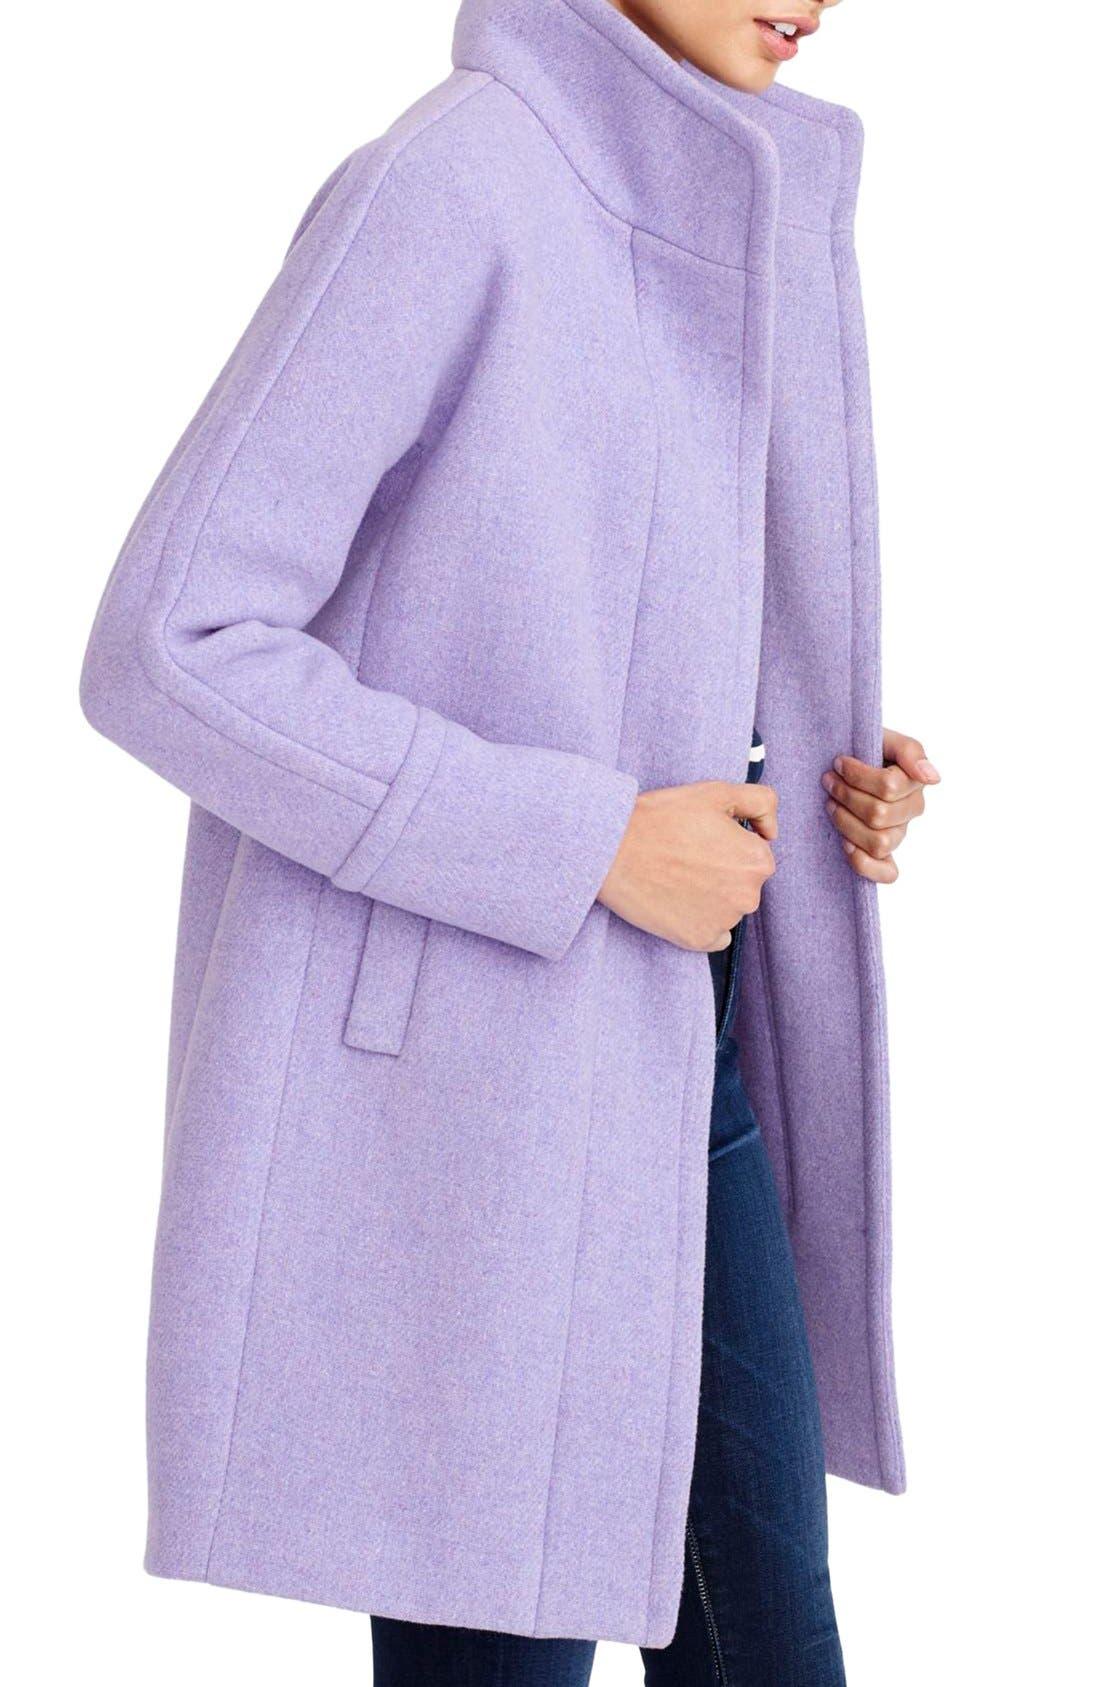 Alternate Image 2  - J.Crew Stadium Cloth Cocoon Coat (Regular & Petite)